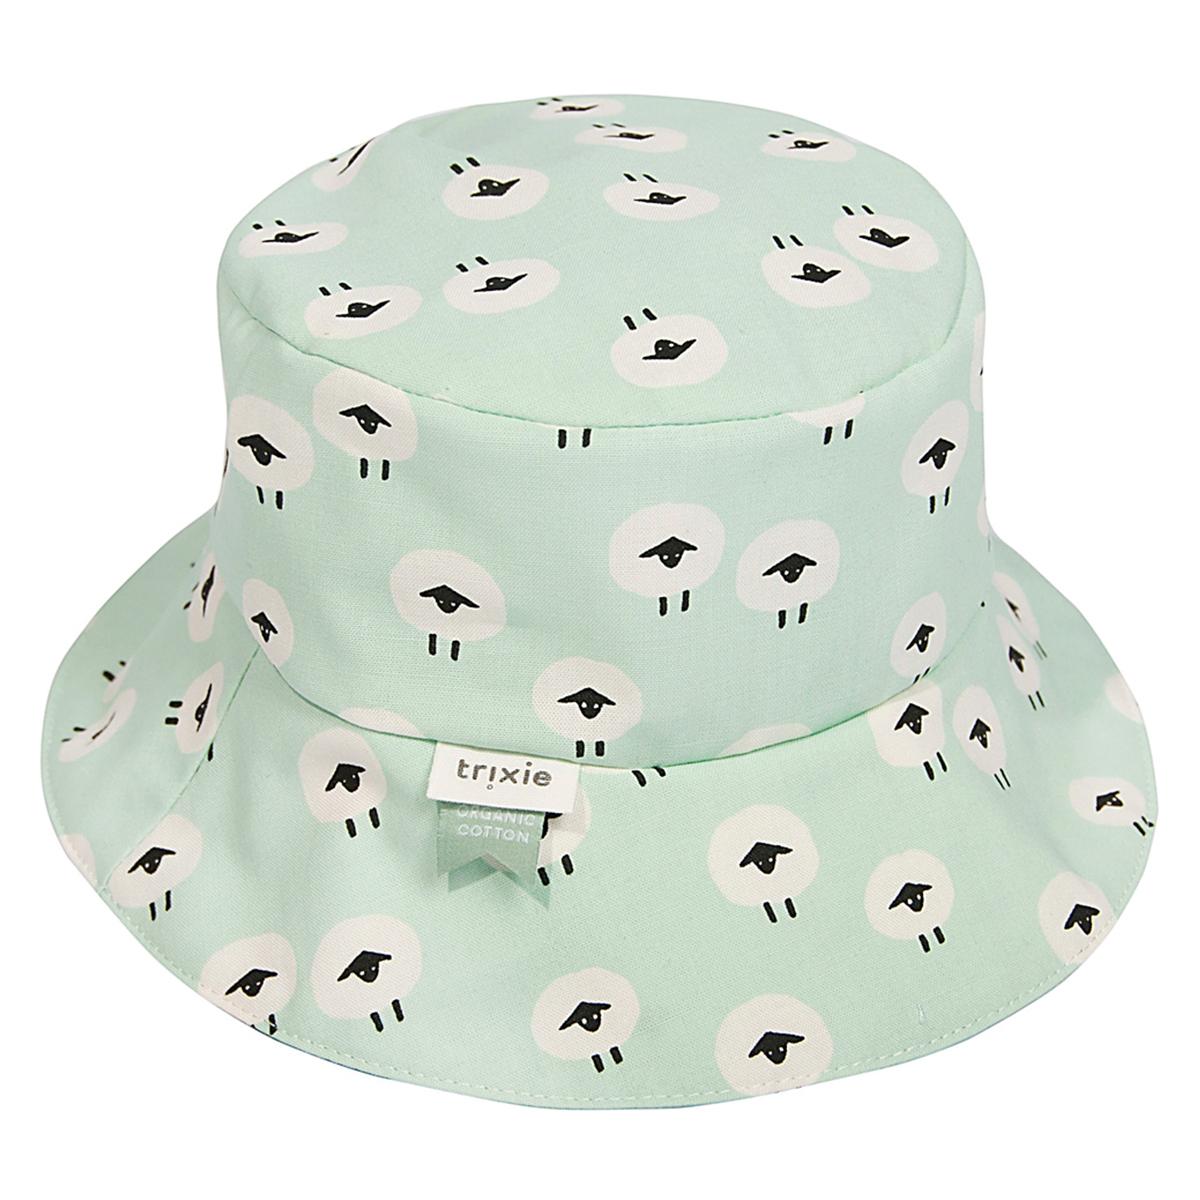 Accessoires bébé Chapeau de Soleil Sheep - 6 Mois Chapeau de Soleil Sheep - 6 Mois